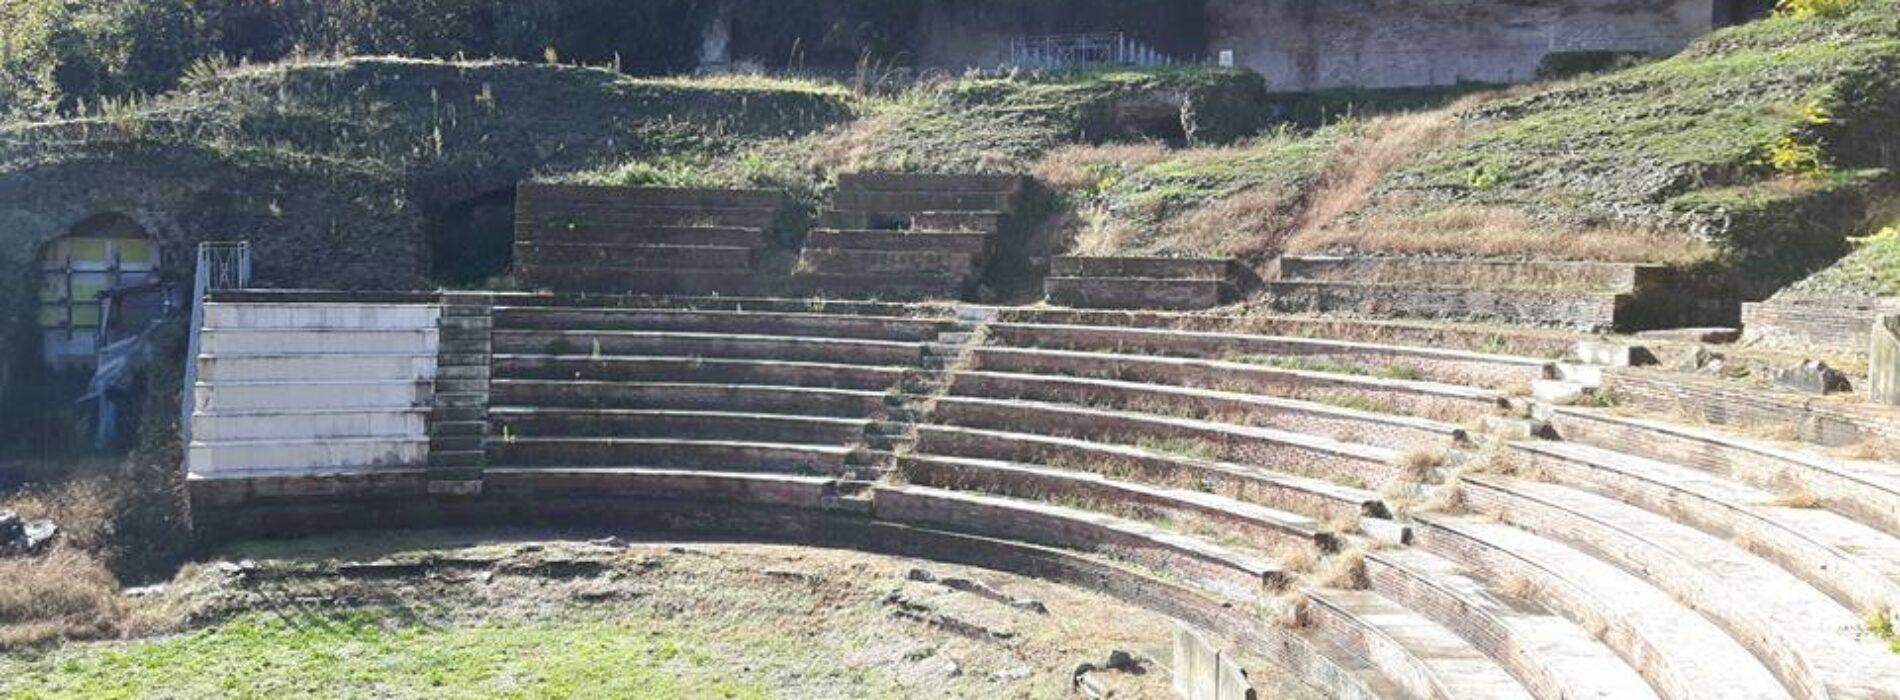 Teatro Teanum Sidicinum, capolavoro dell'architettura romana